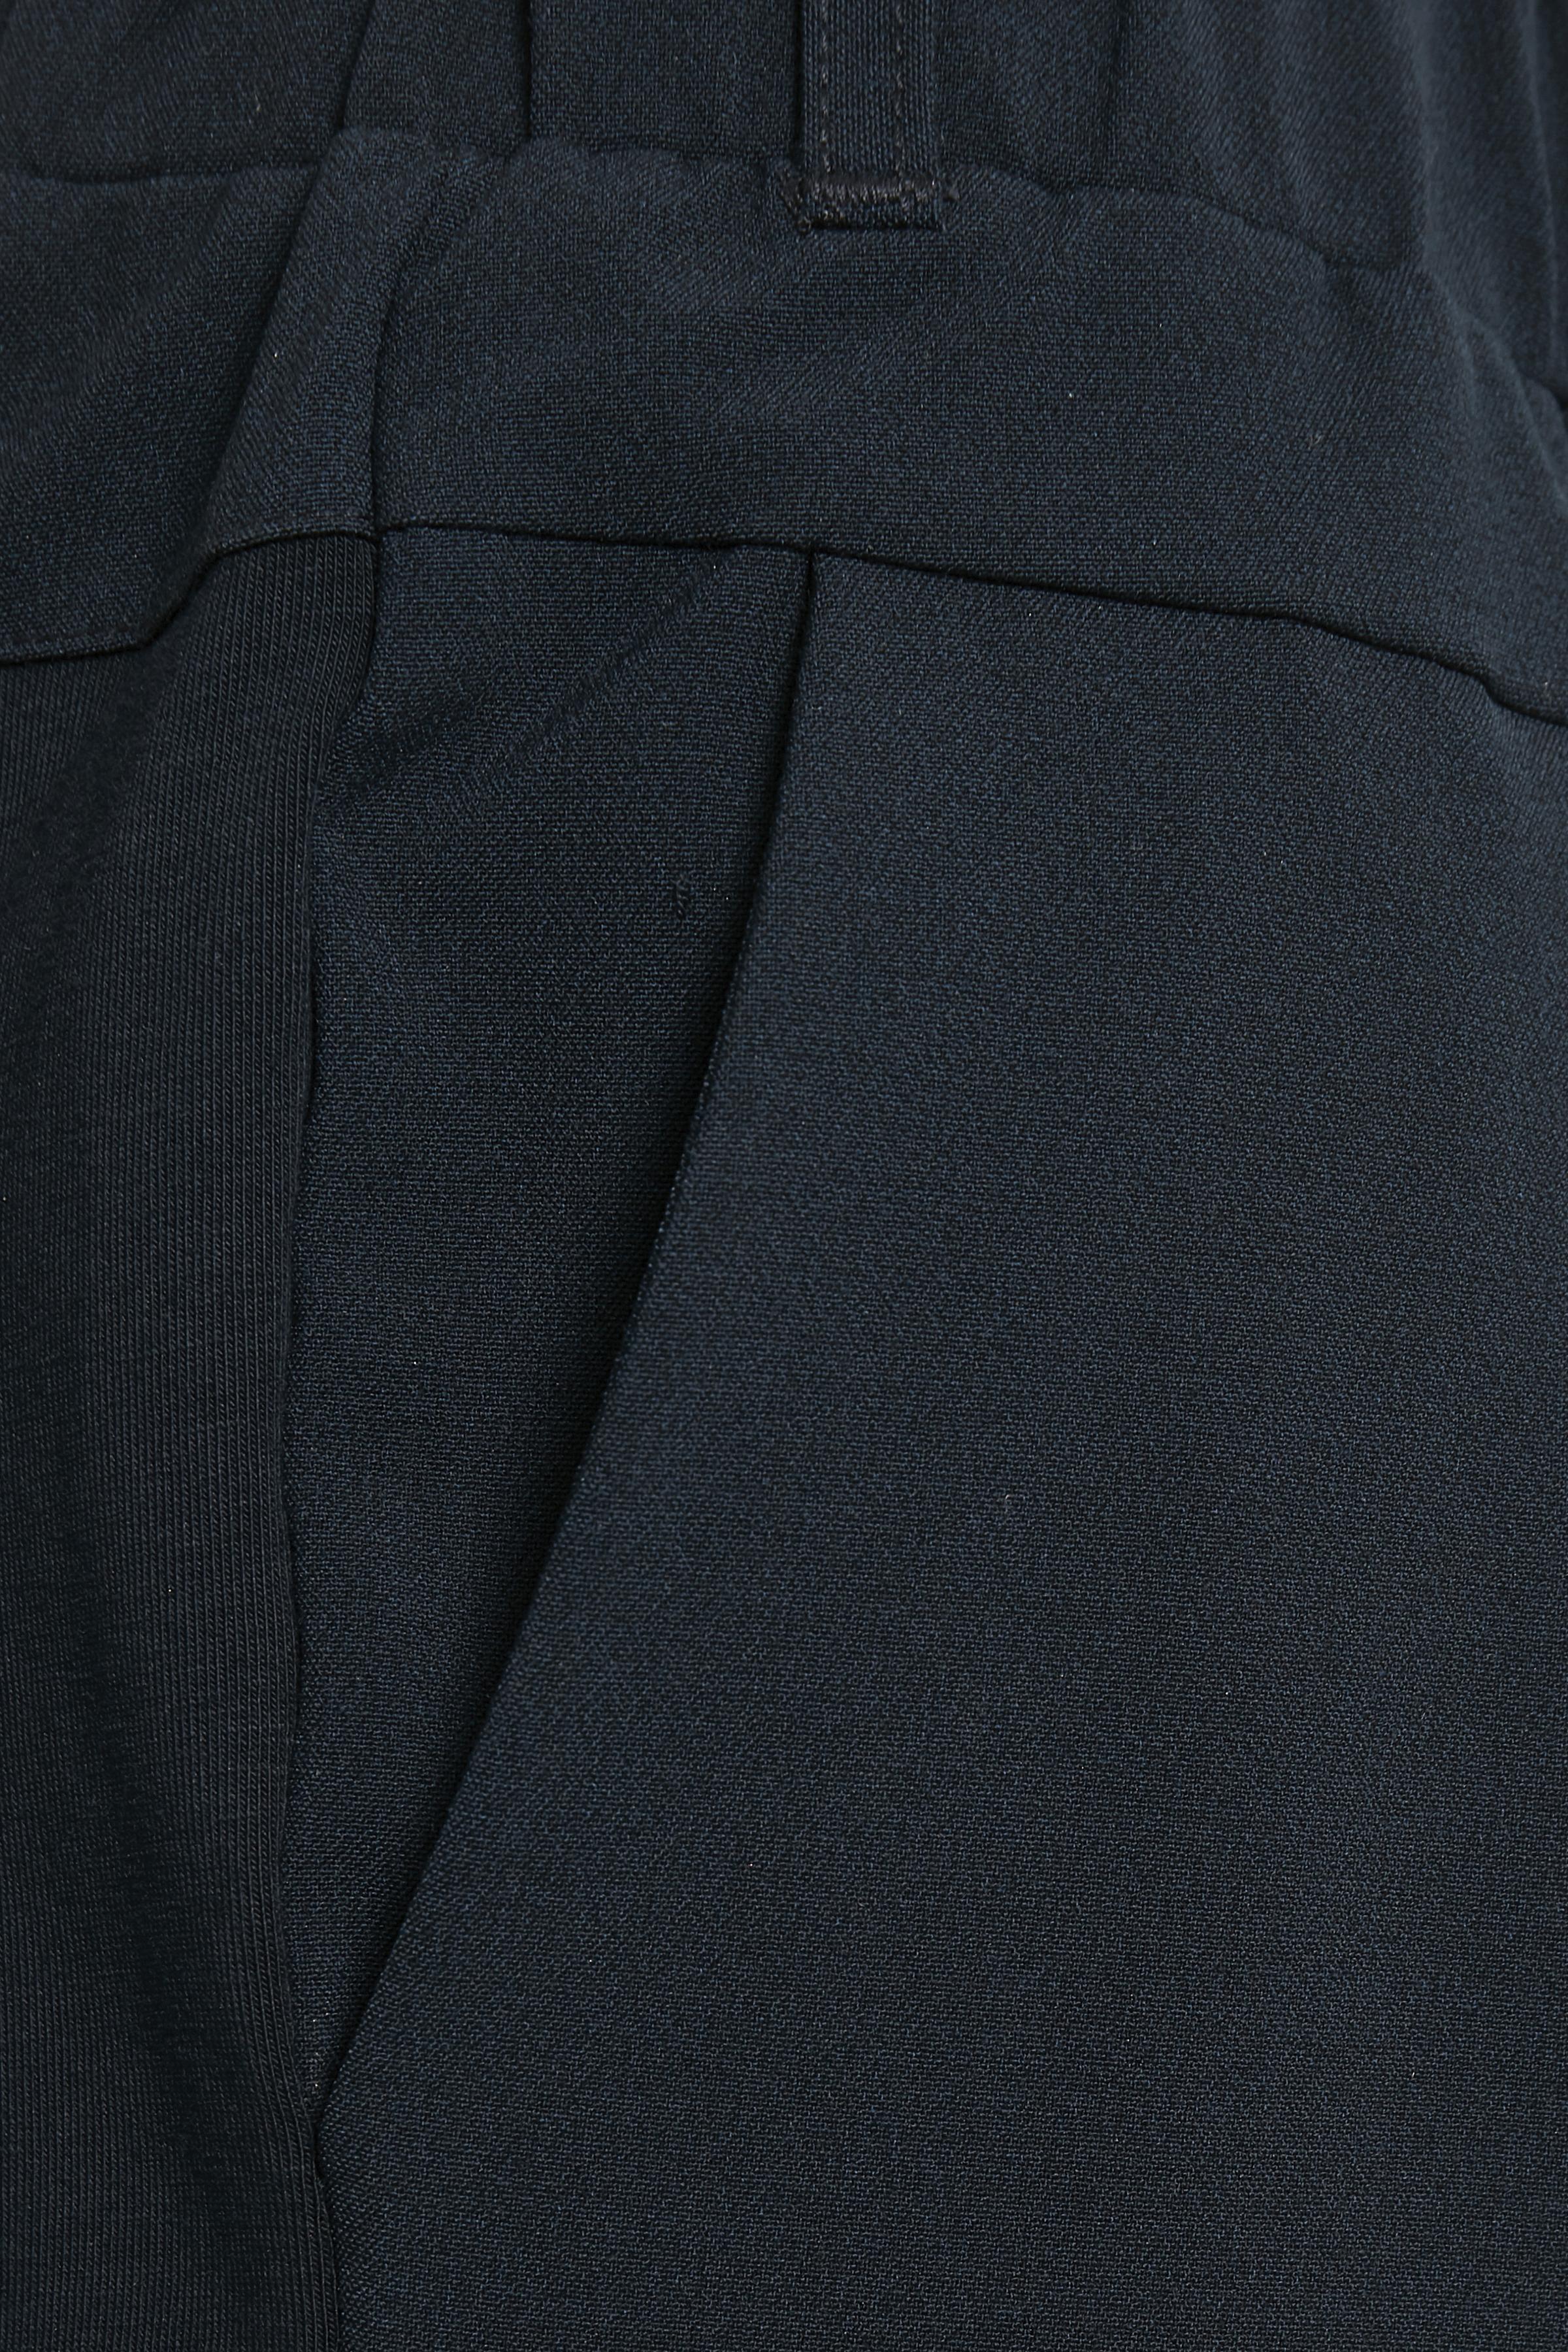 Marineblå Shorts fra Kaffe – Køb Marineblå Shorts fra str. 32-46 her